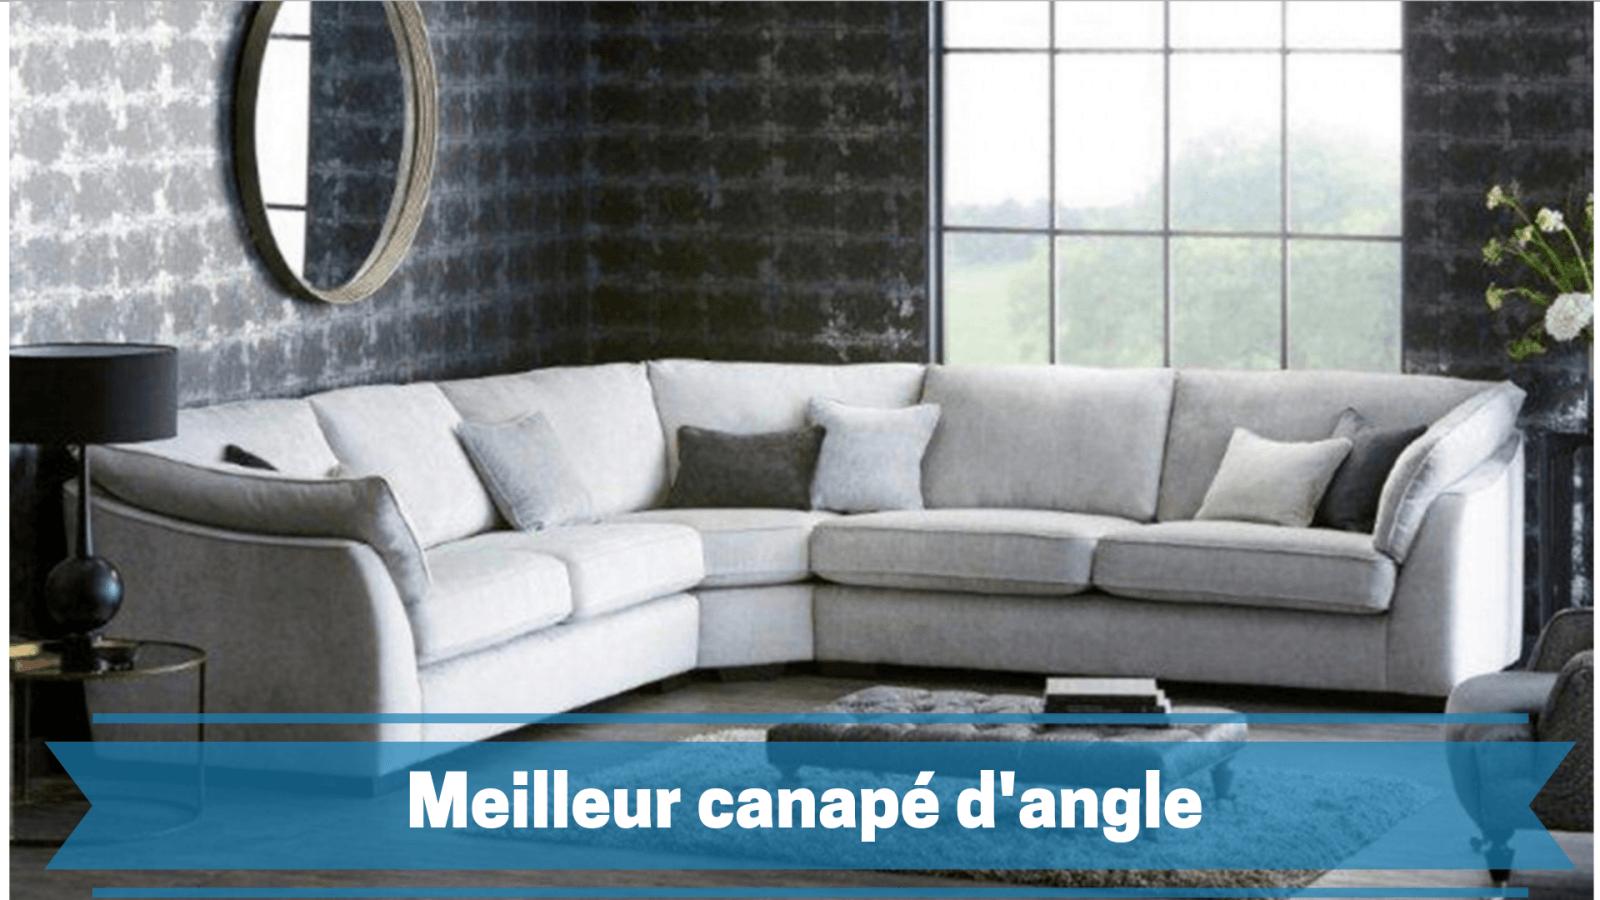 Photo de guide d'achat du meilleur canapé d'angle 2021 – comparatif des prix